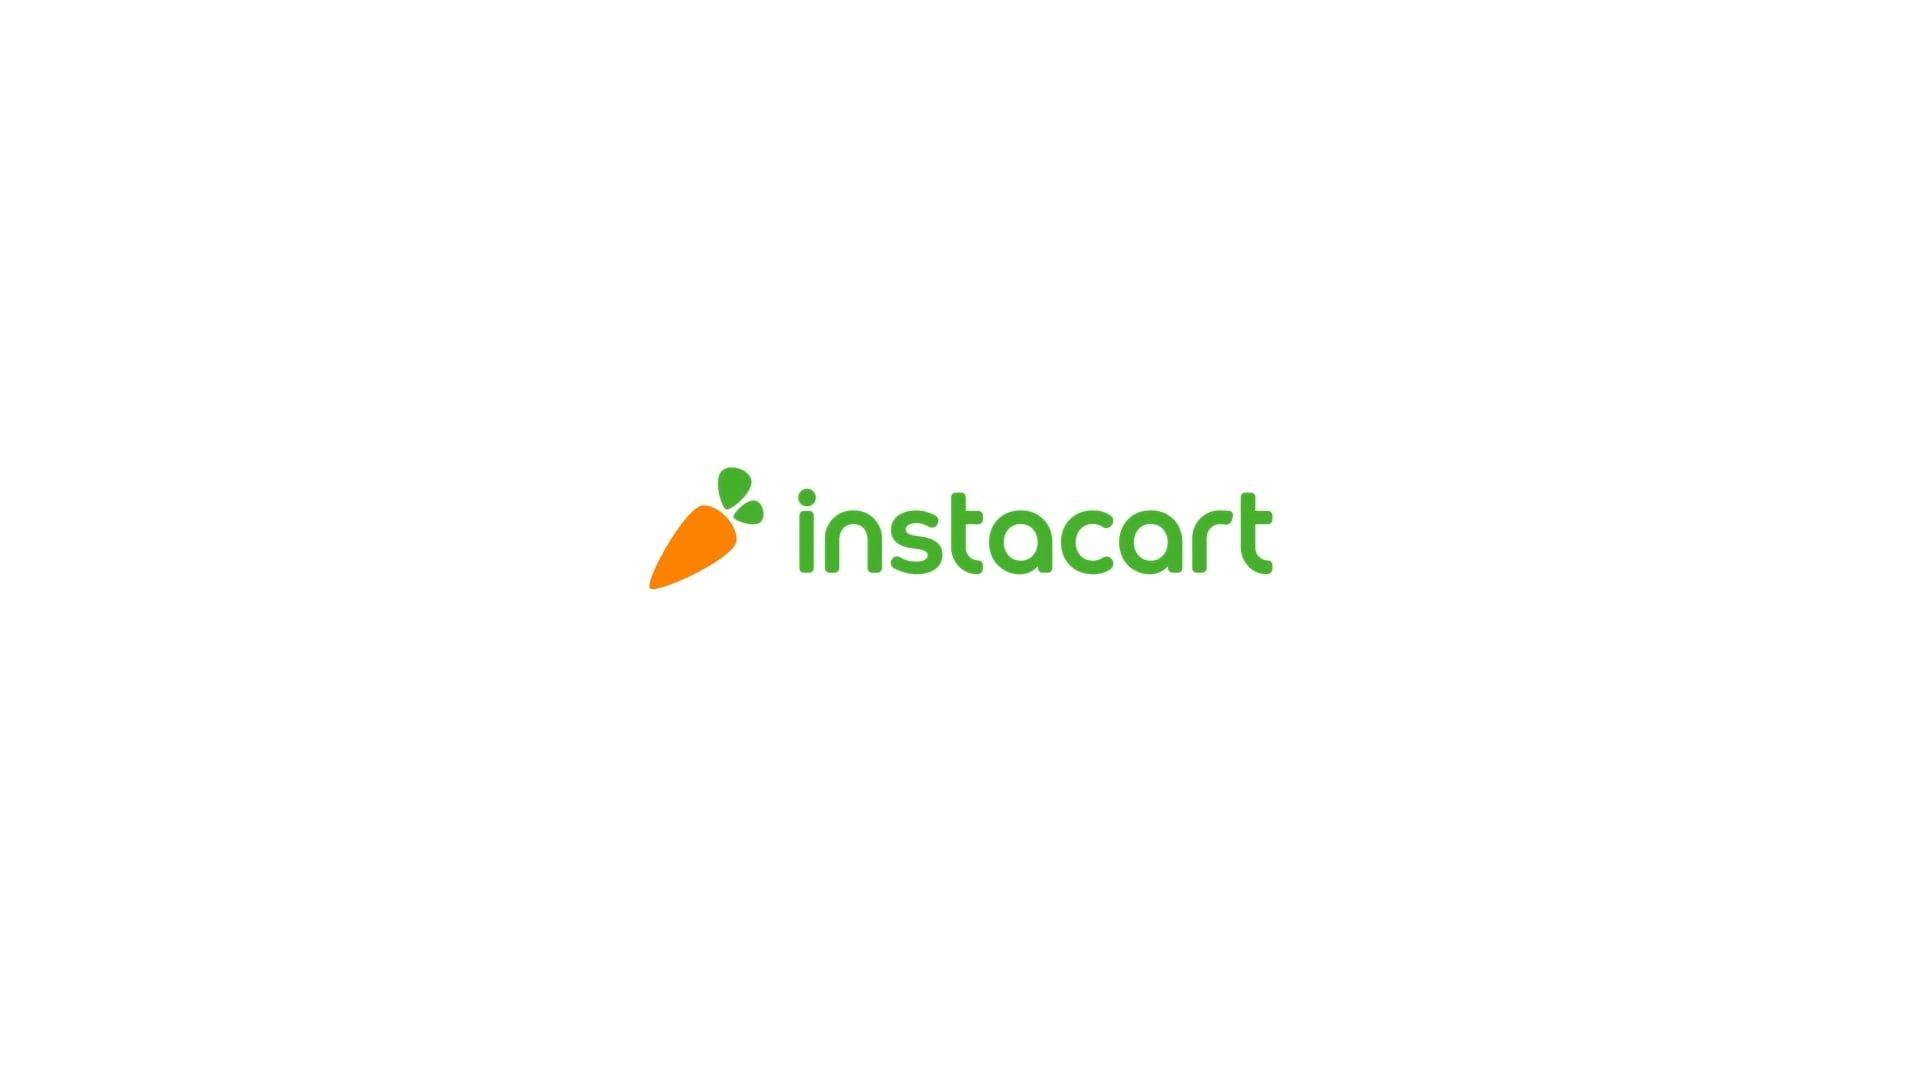 Instacart Shopper Video Instacart, Get paid to shop